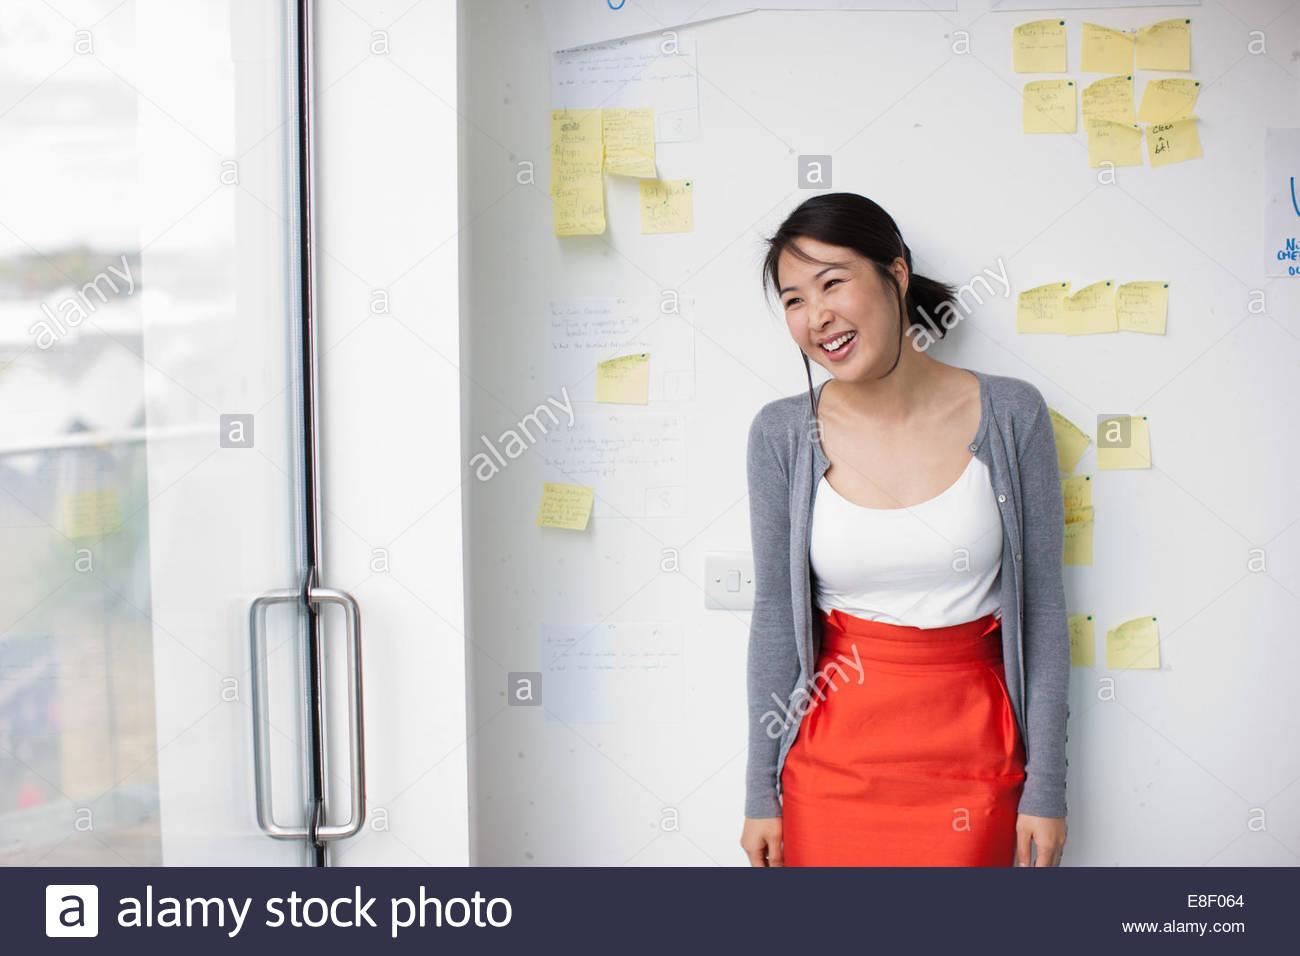 Imprenditrice sorridente con di fronte la lavagna con note adesive Immagini Stock